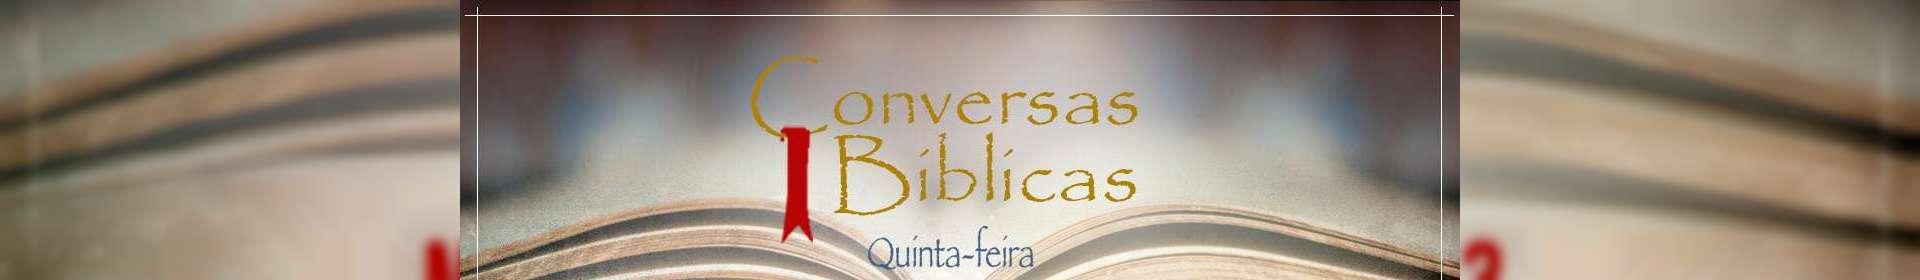 Conversas Bíblicas: Ministério dos anjos - Parte 3